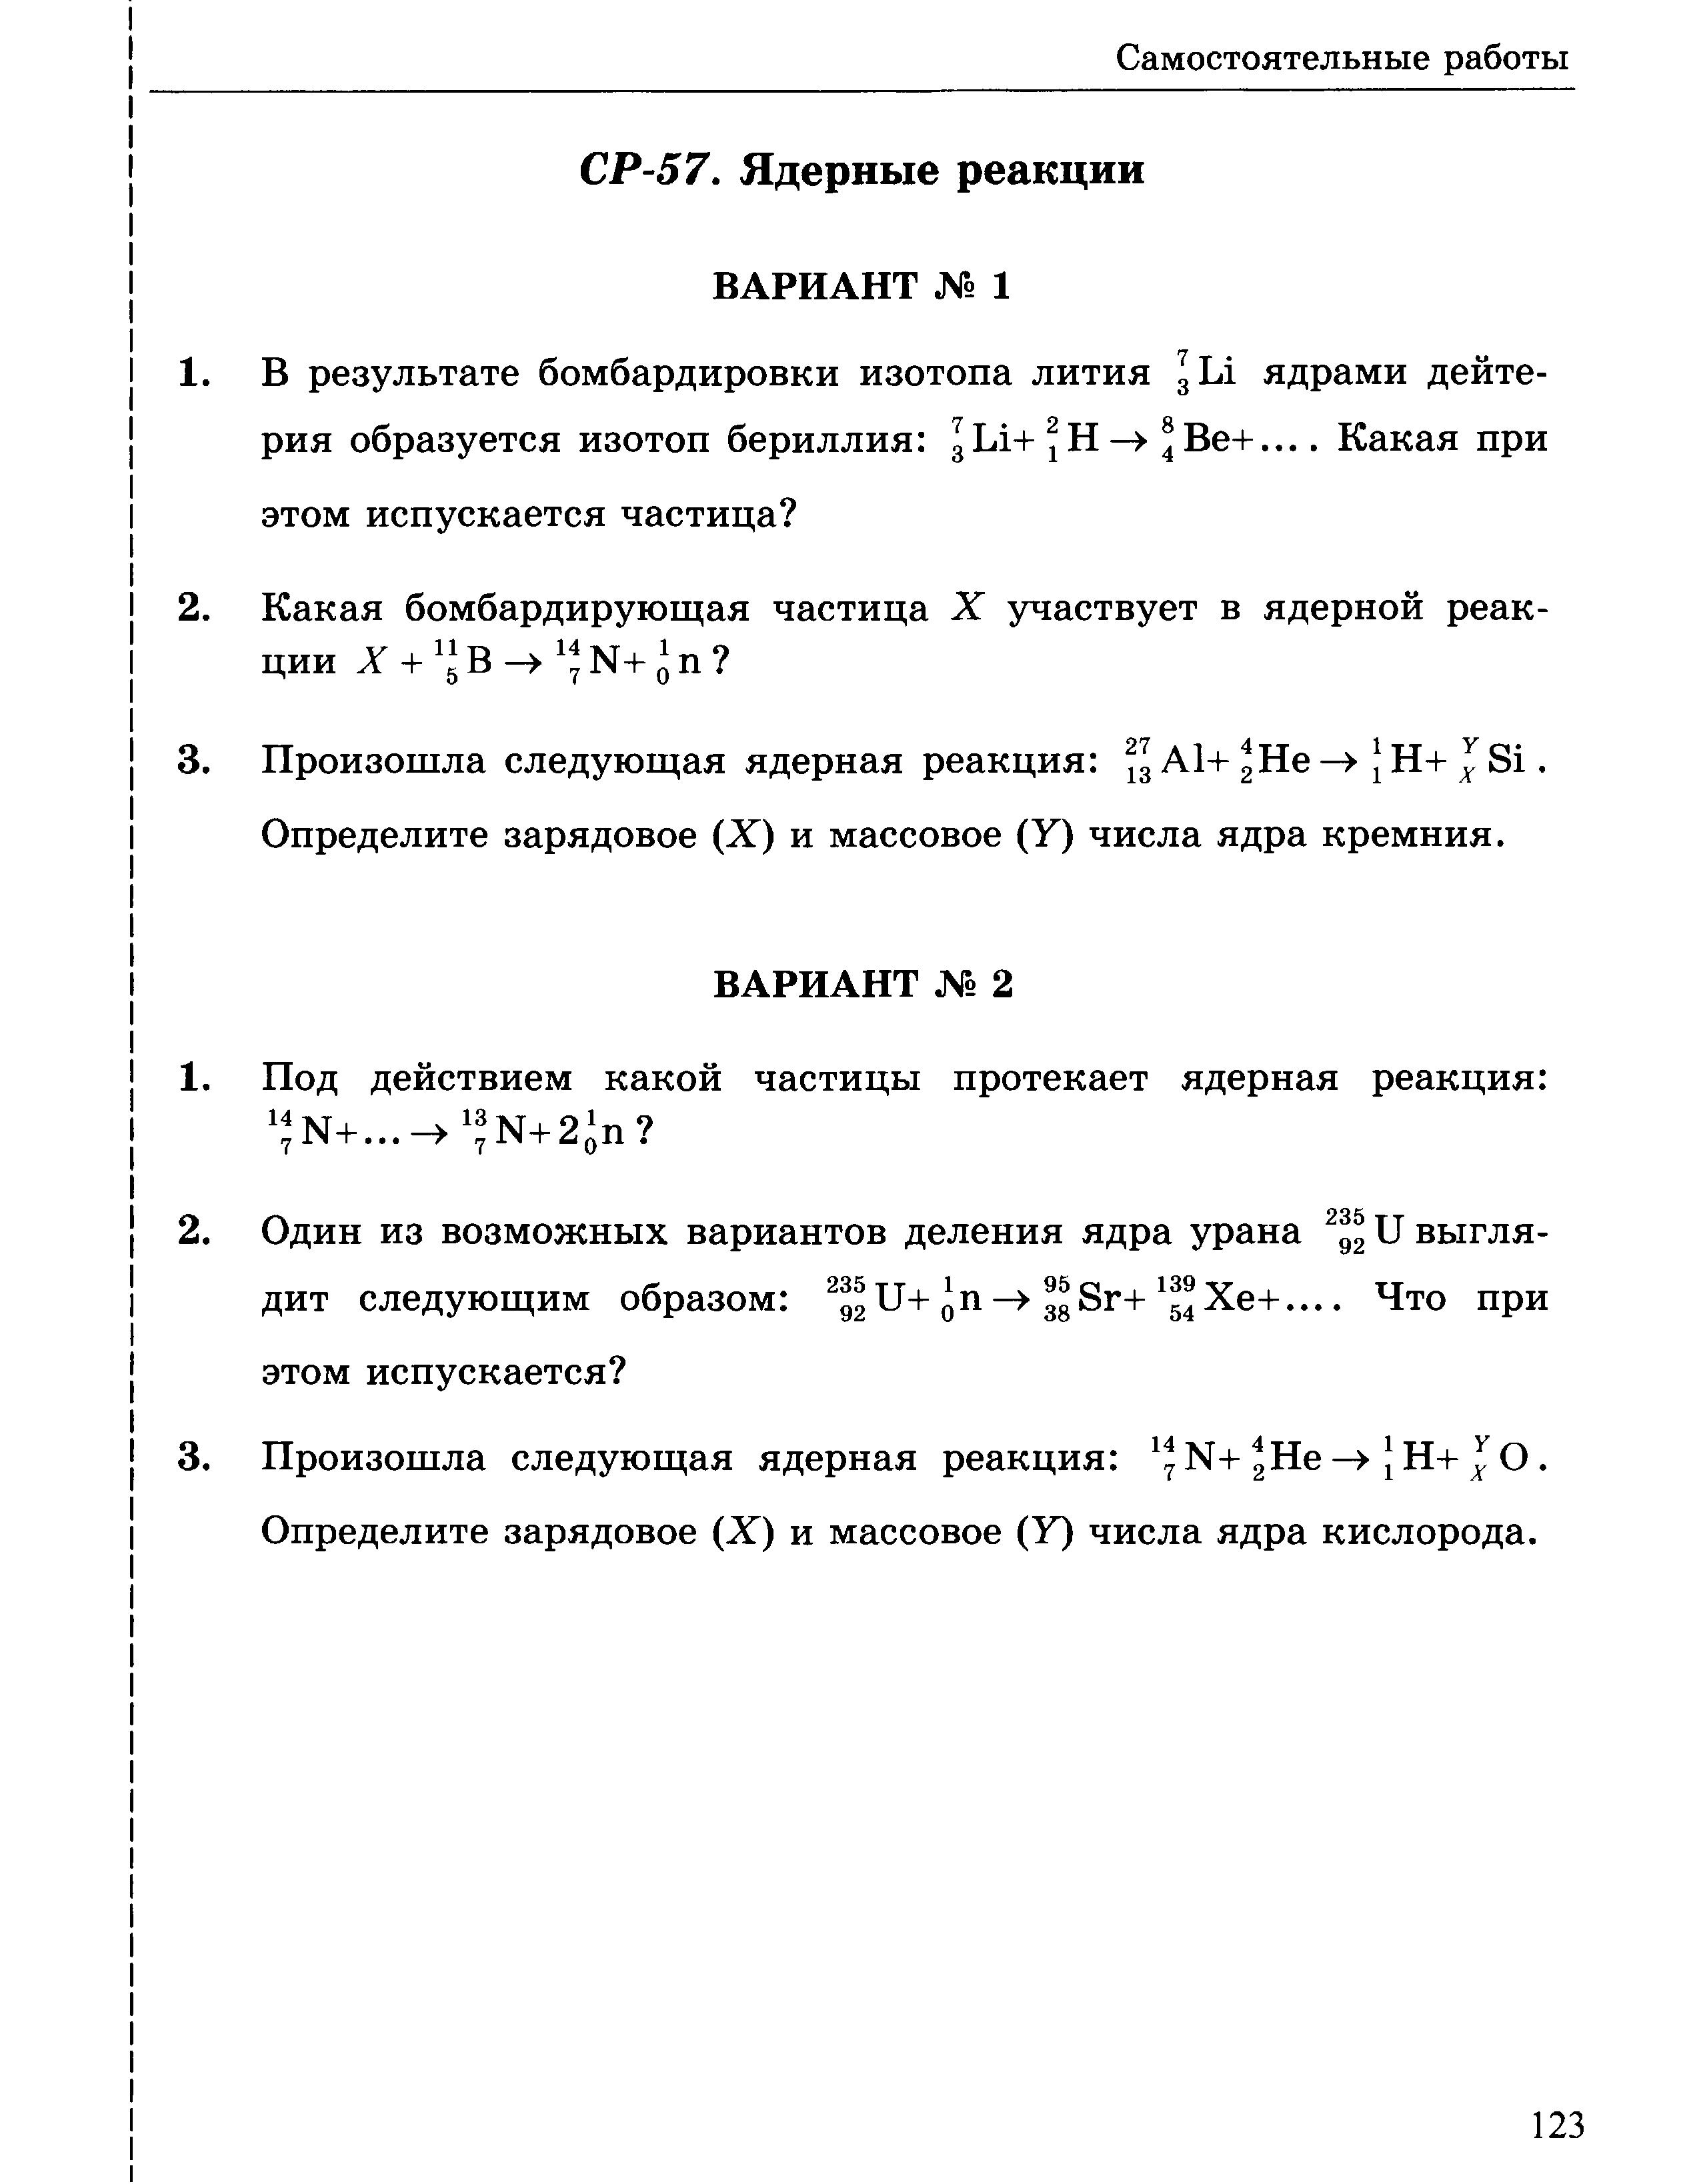 Контрольная работа по ядерной физике класс  hello html 1c703e7a png